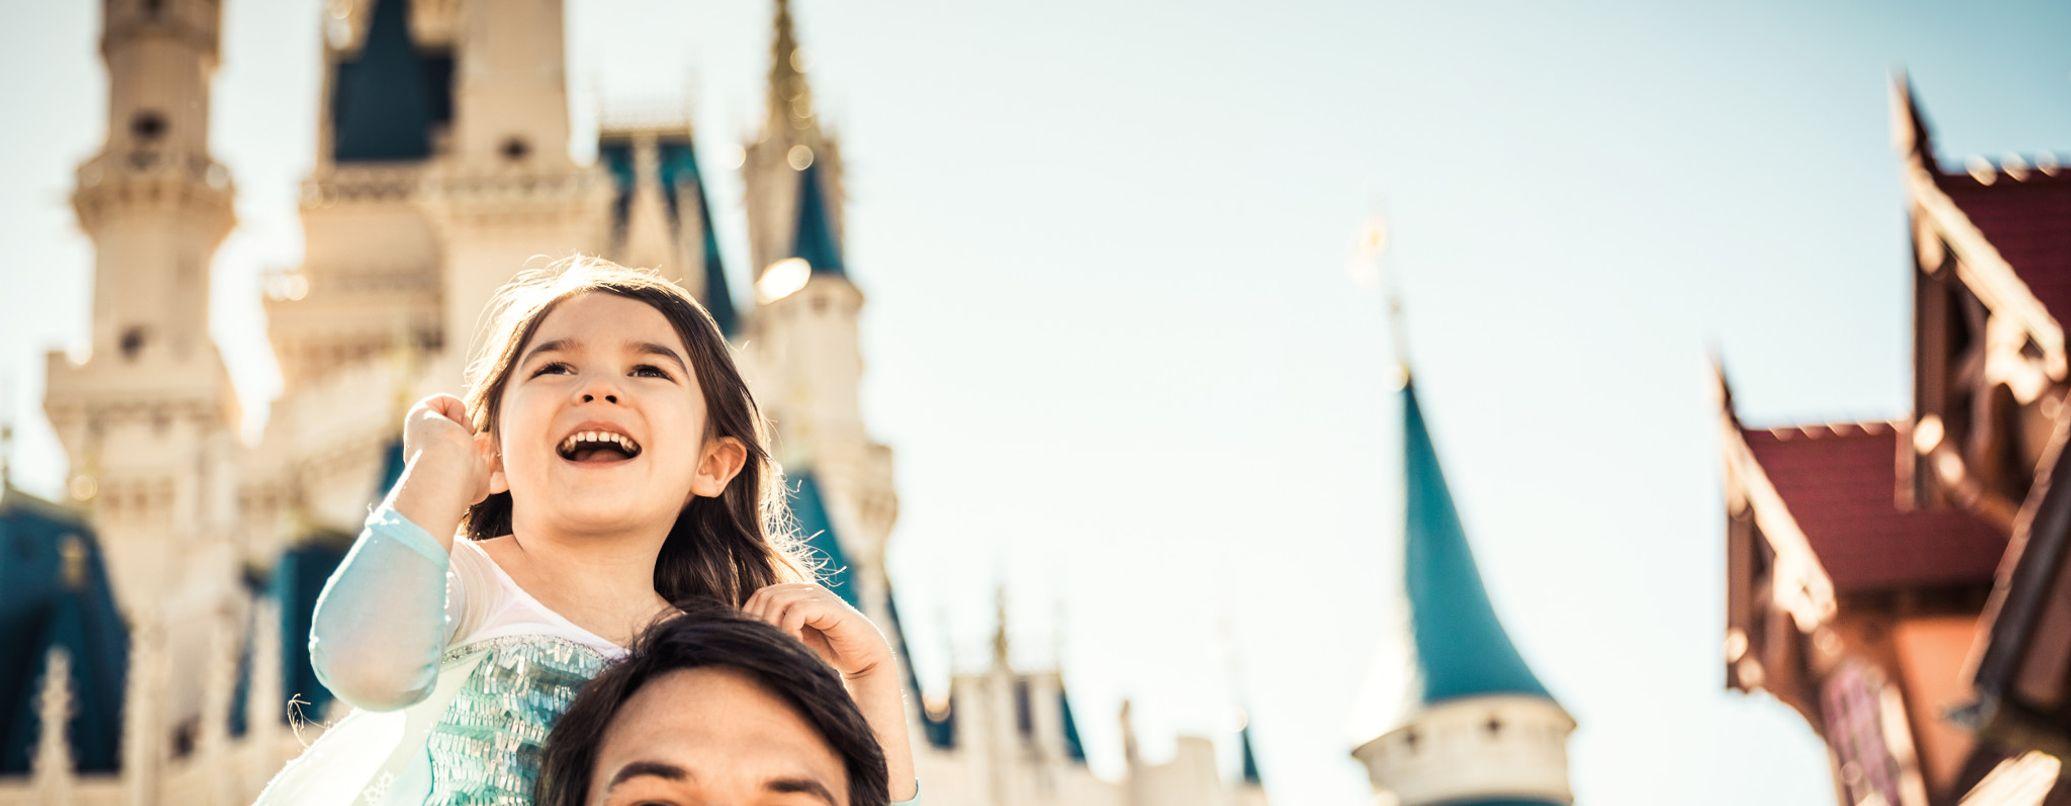 Daughter on Dads Shoulders at Walt Disney World Resort